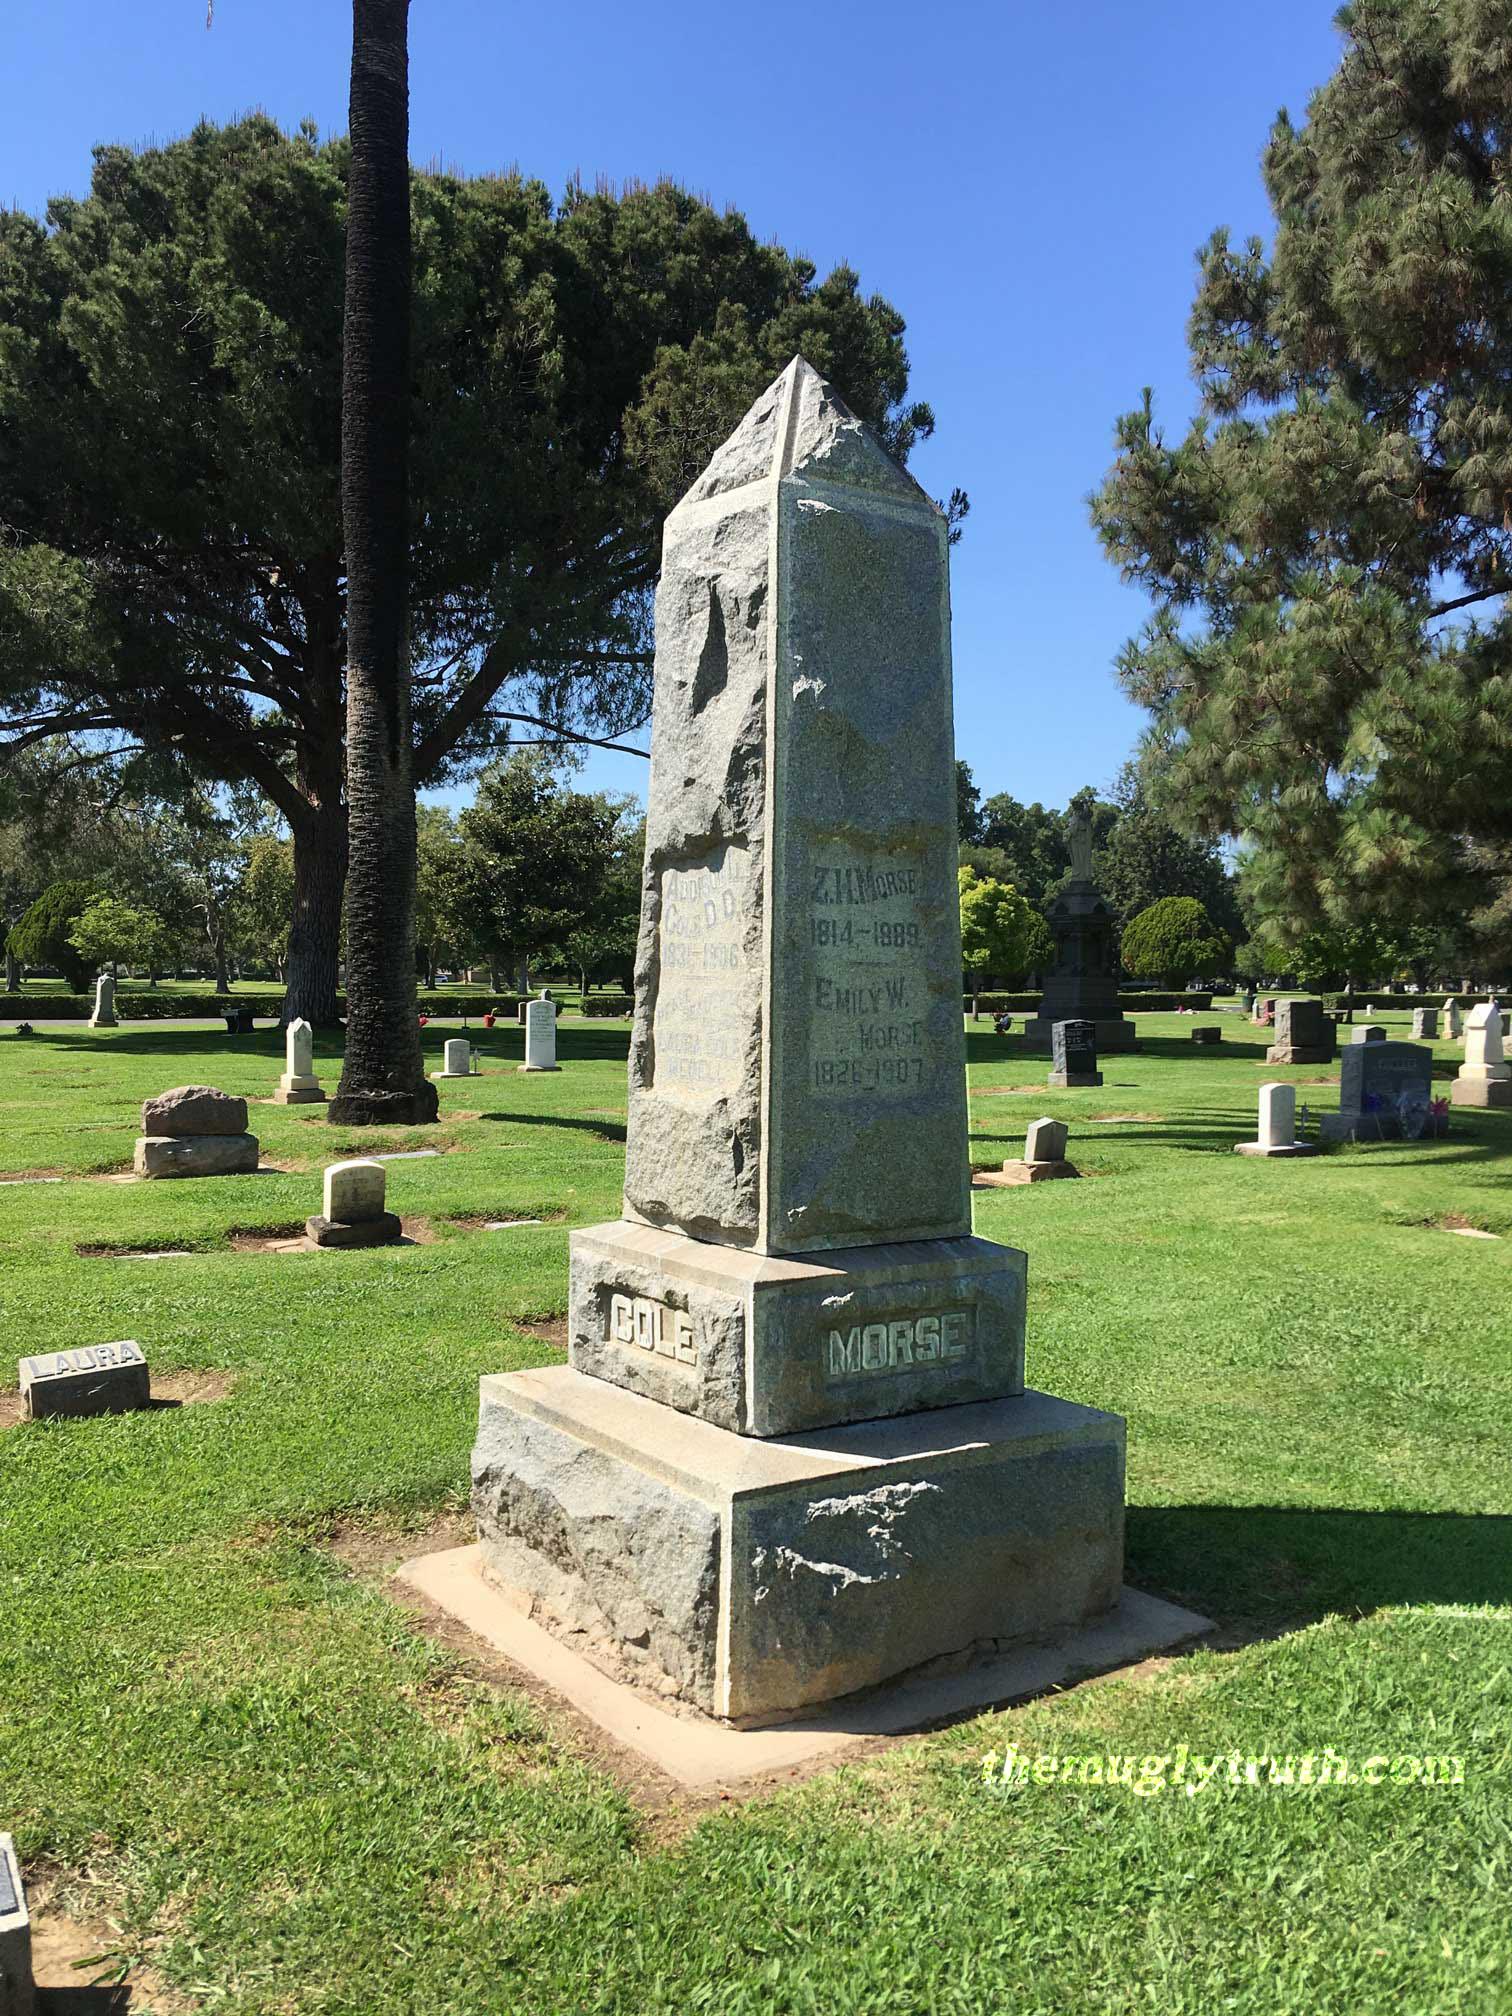 Obelisk headstone